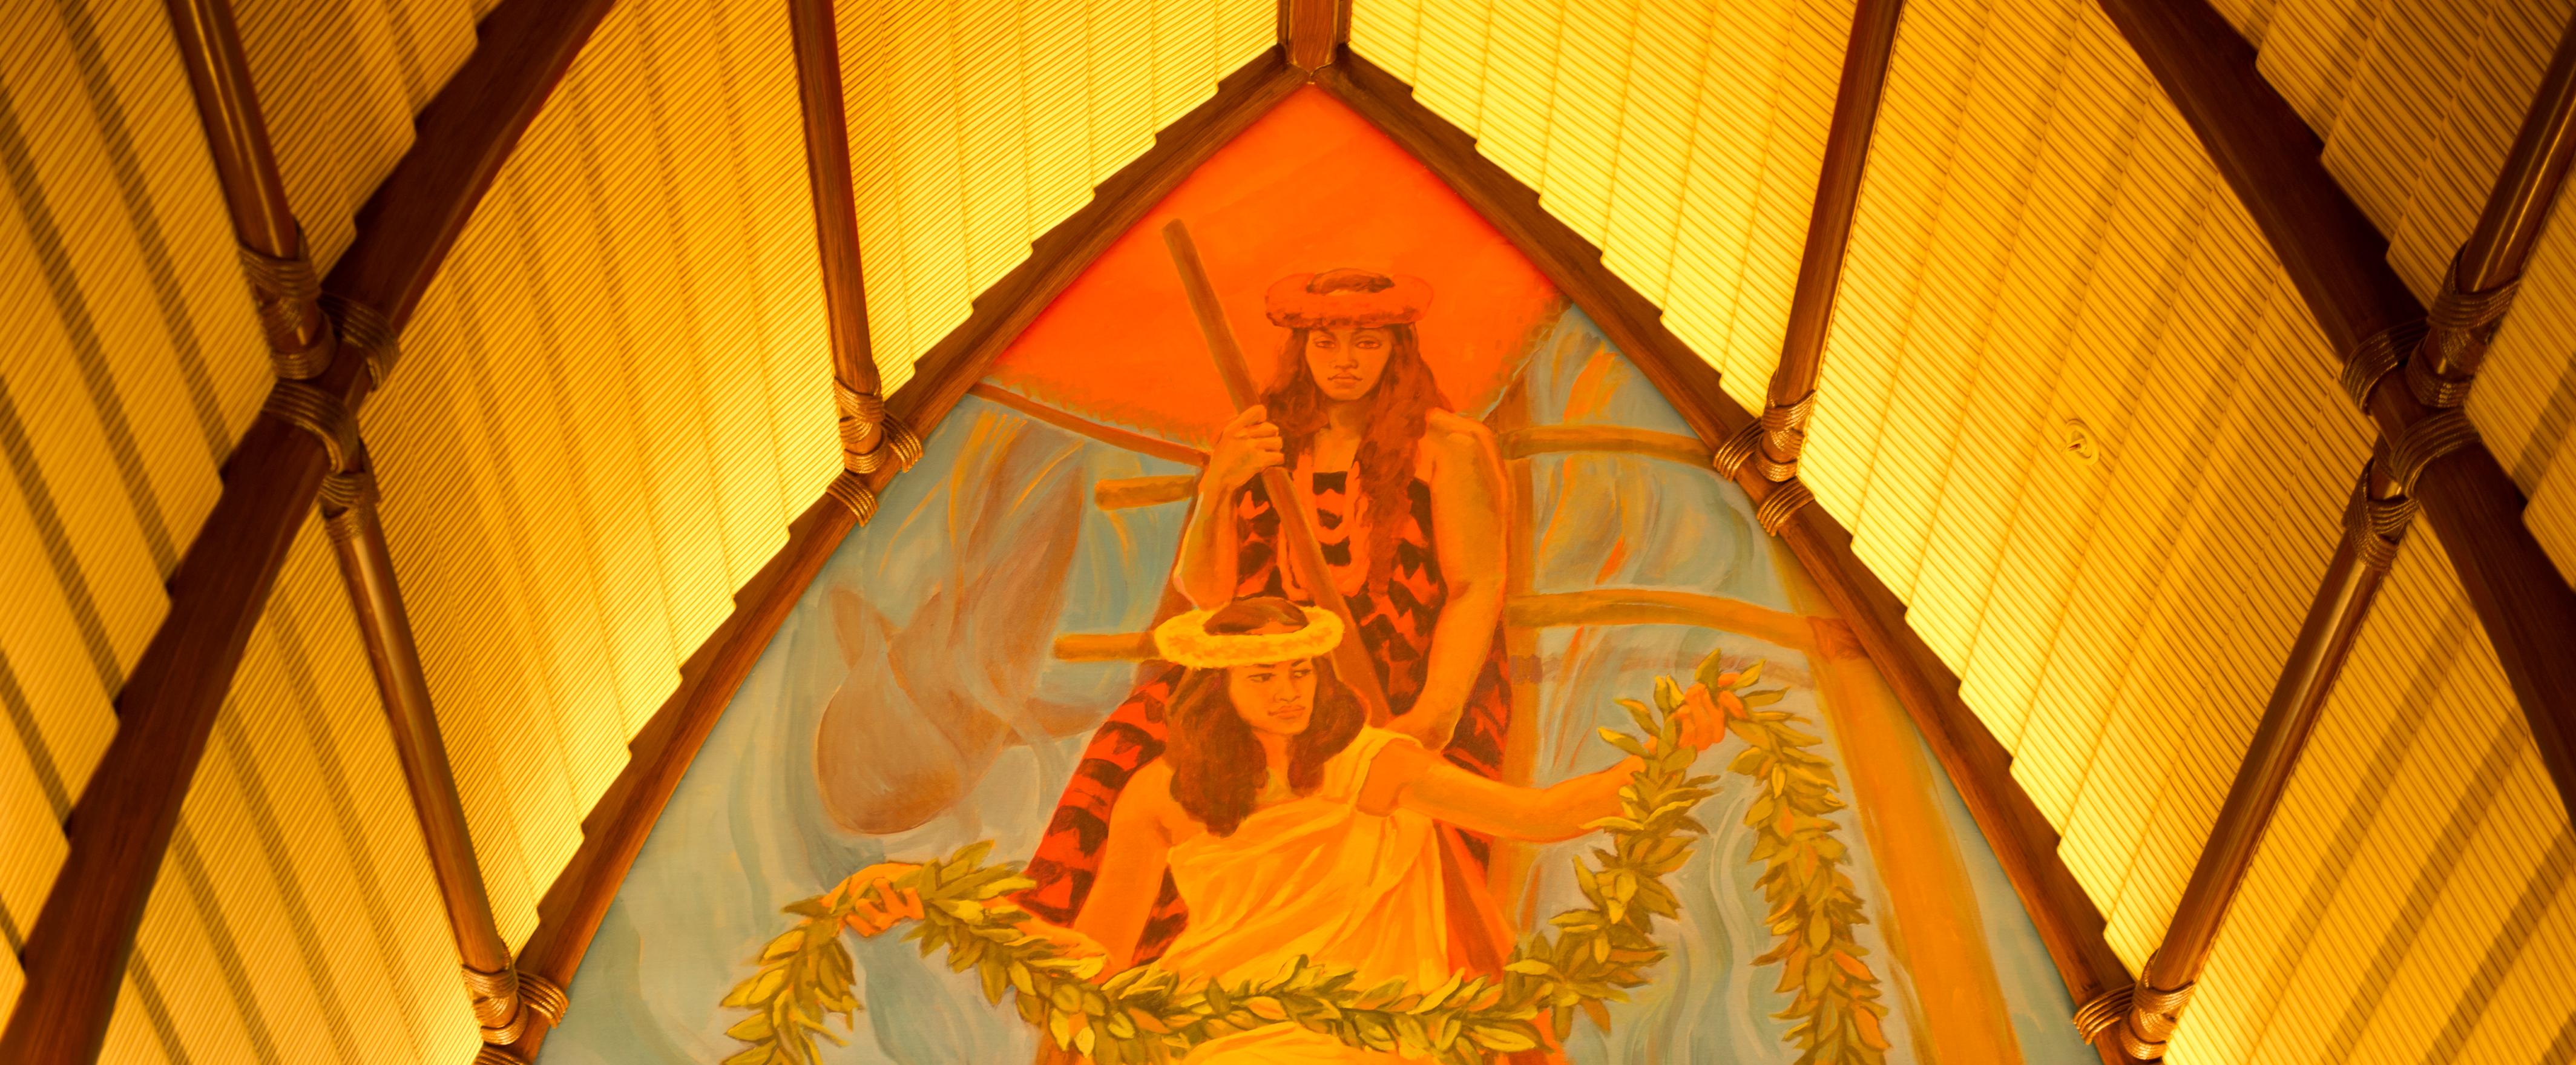 A Hawaiian mural in the Aulani lobby